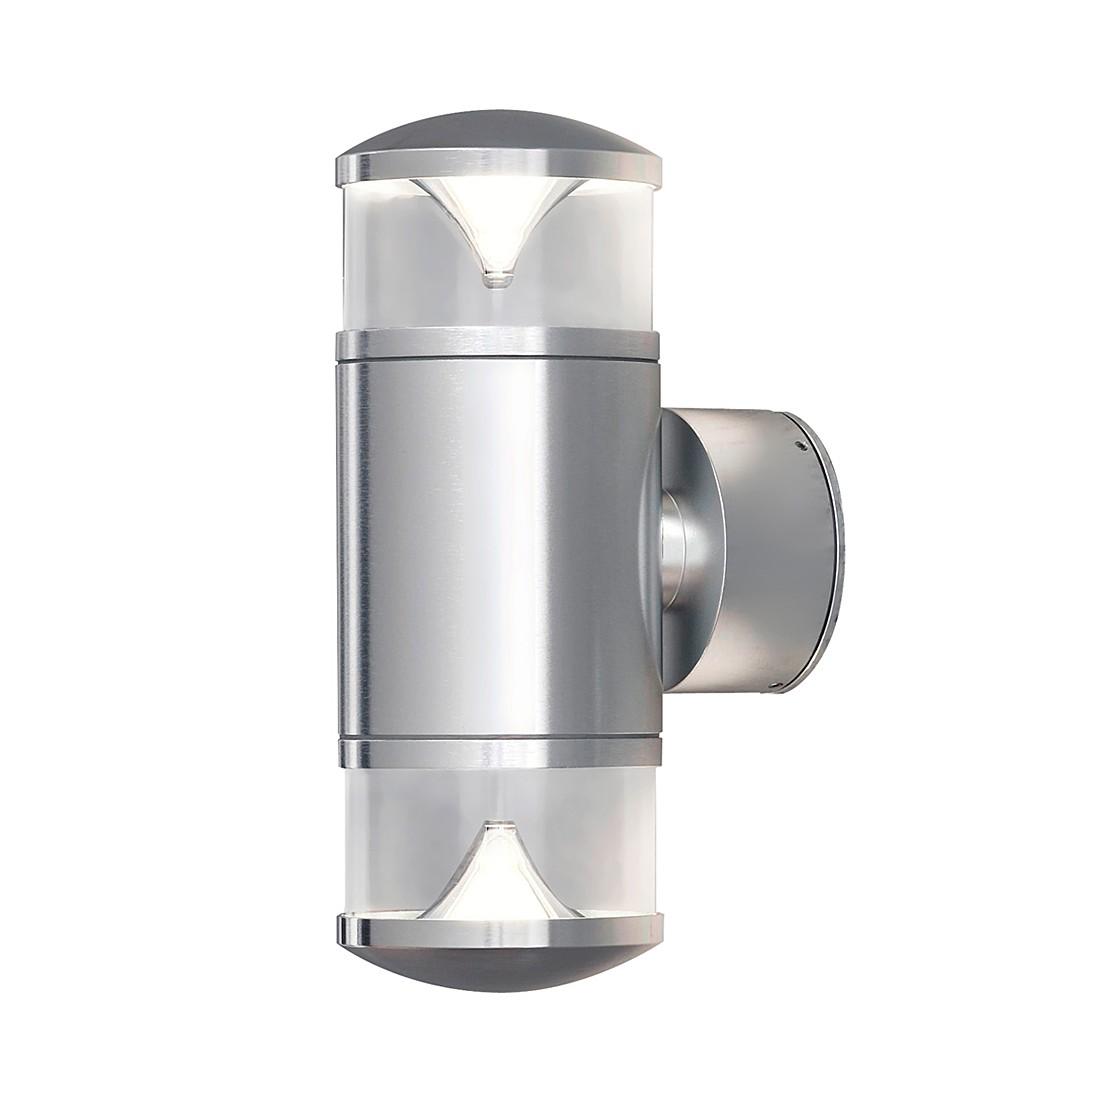 Wandleuchte Monza Up & Down - Aluminium-Glas - 2-flammig, Konstsmide